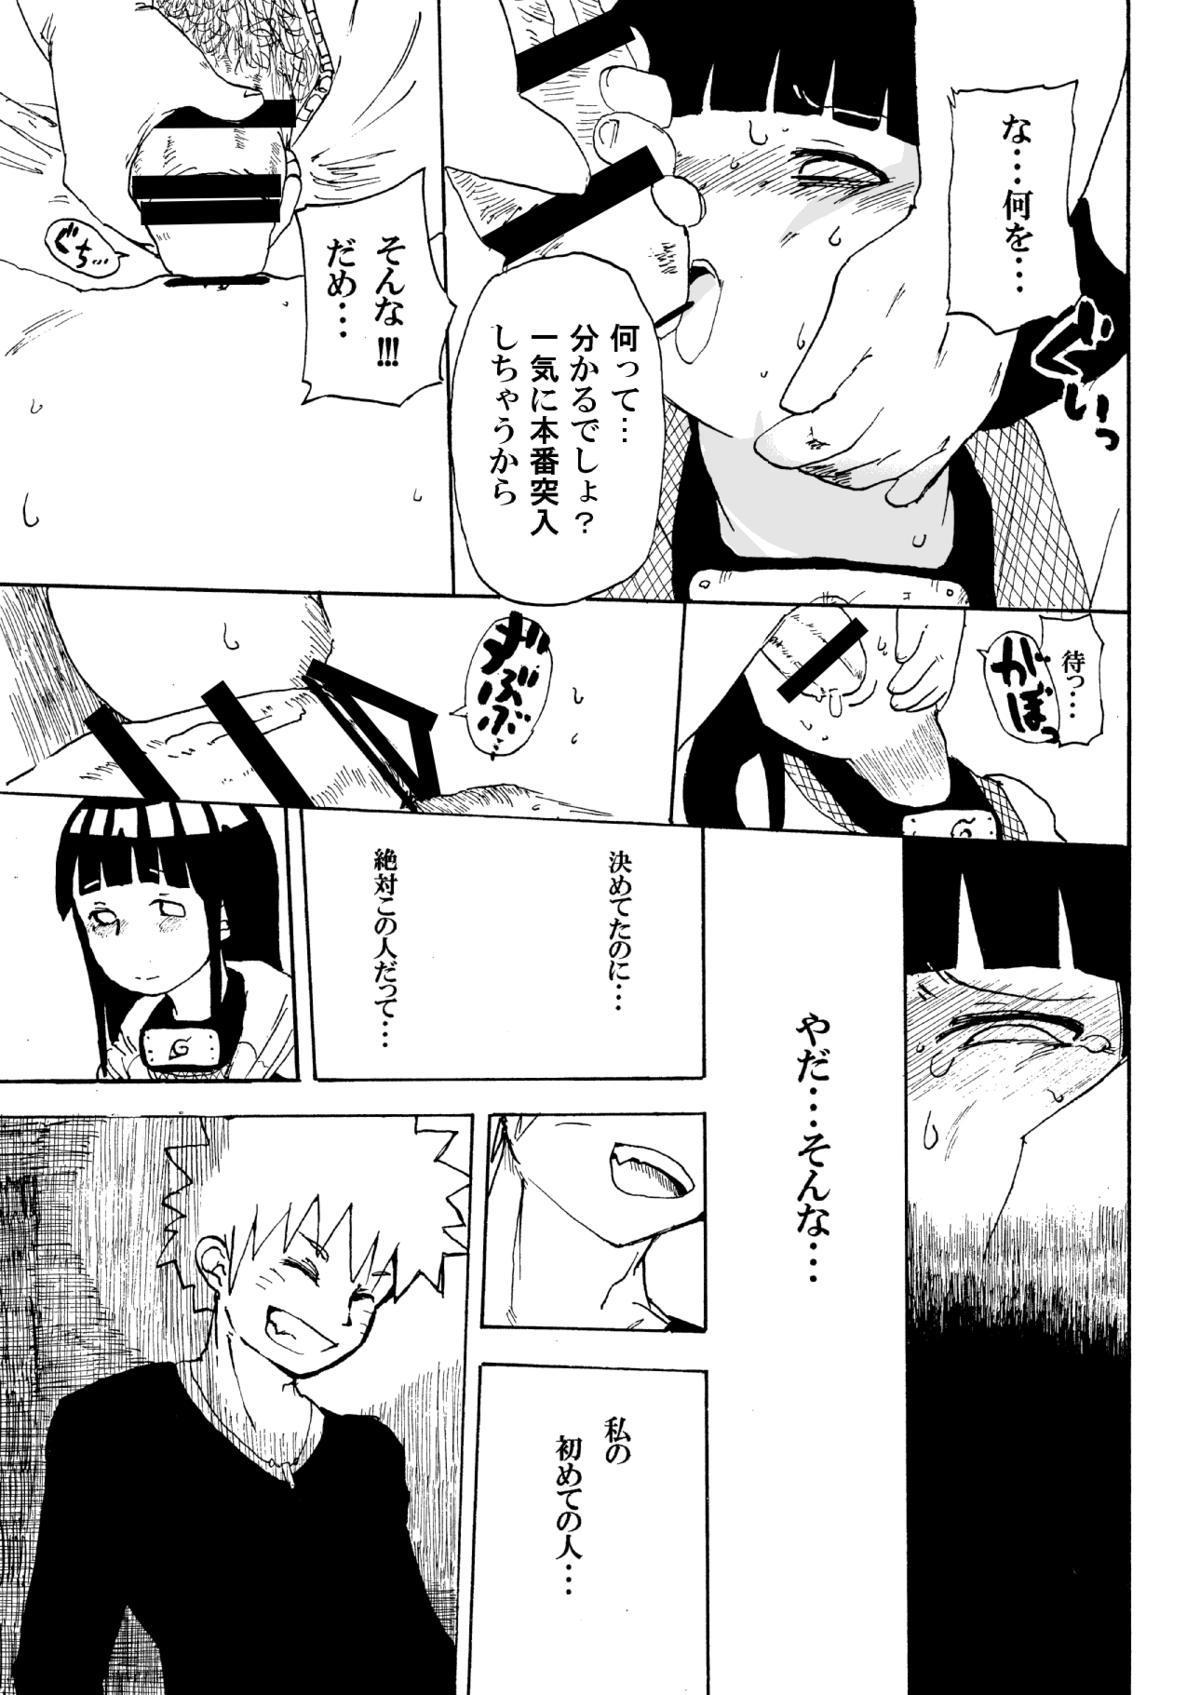 Hinata to Densha 9